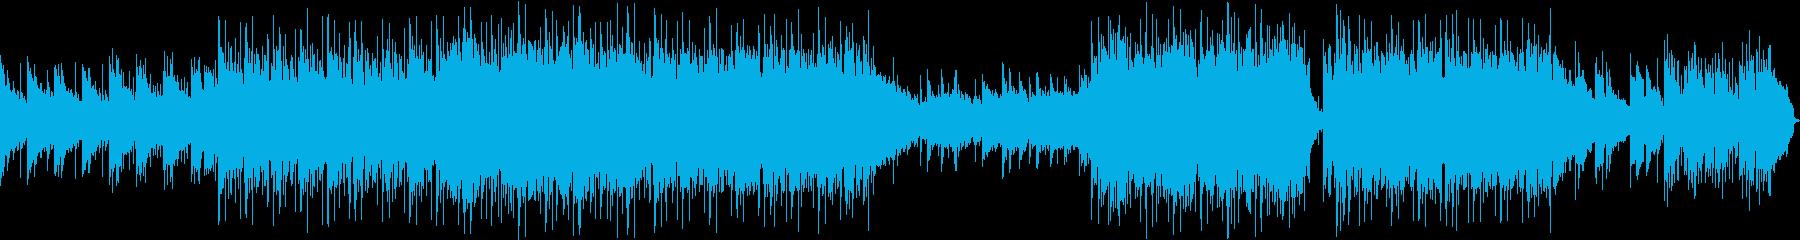 エレクトロ 技術的な 感情的 説明...の再生済みの波形